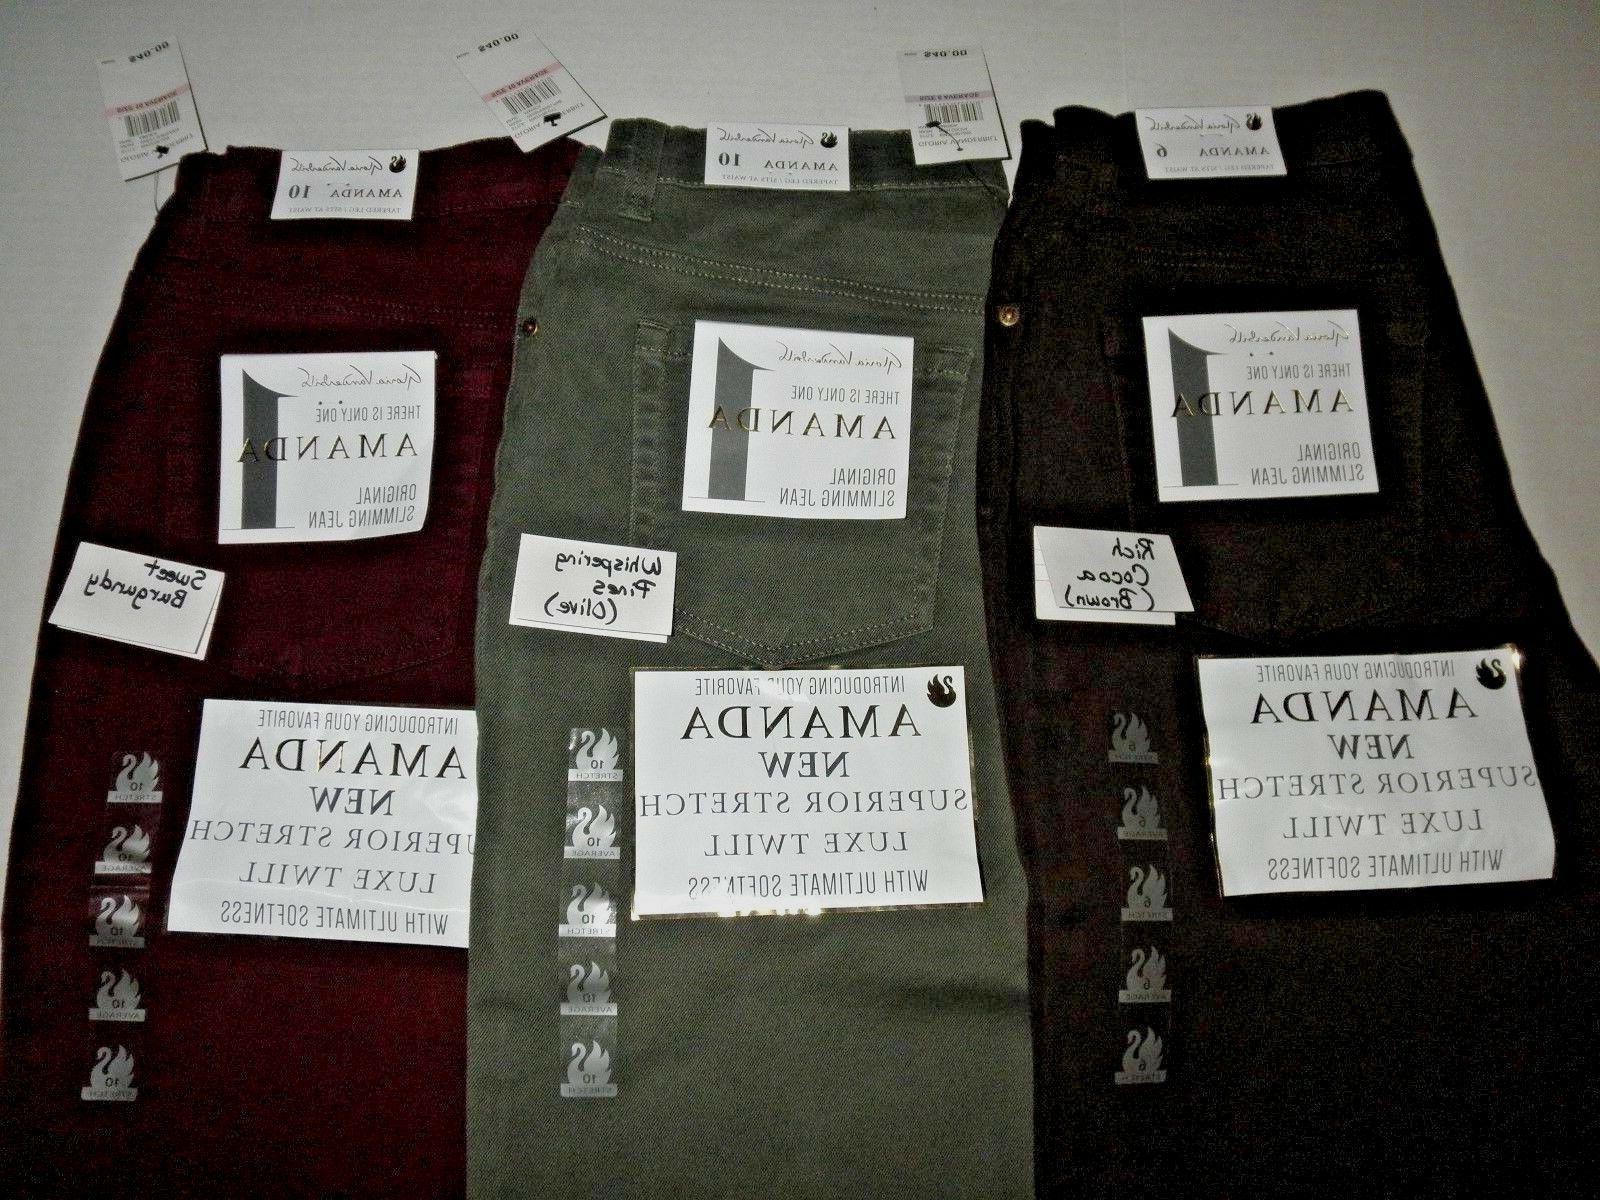 NWT Gloria Vanderbilt Amanda Superior STRETCH pants Colored